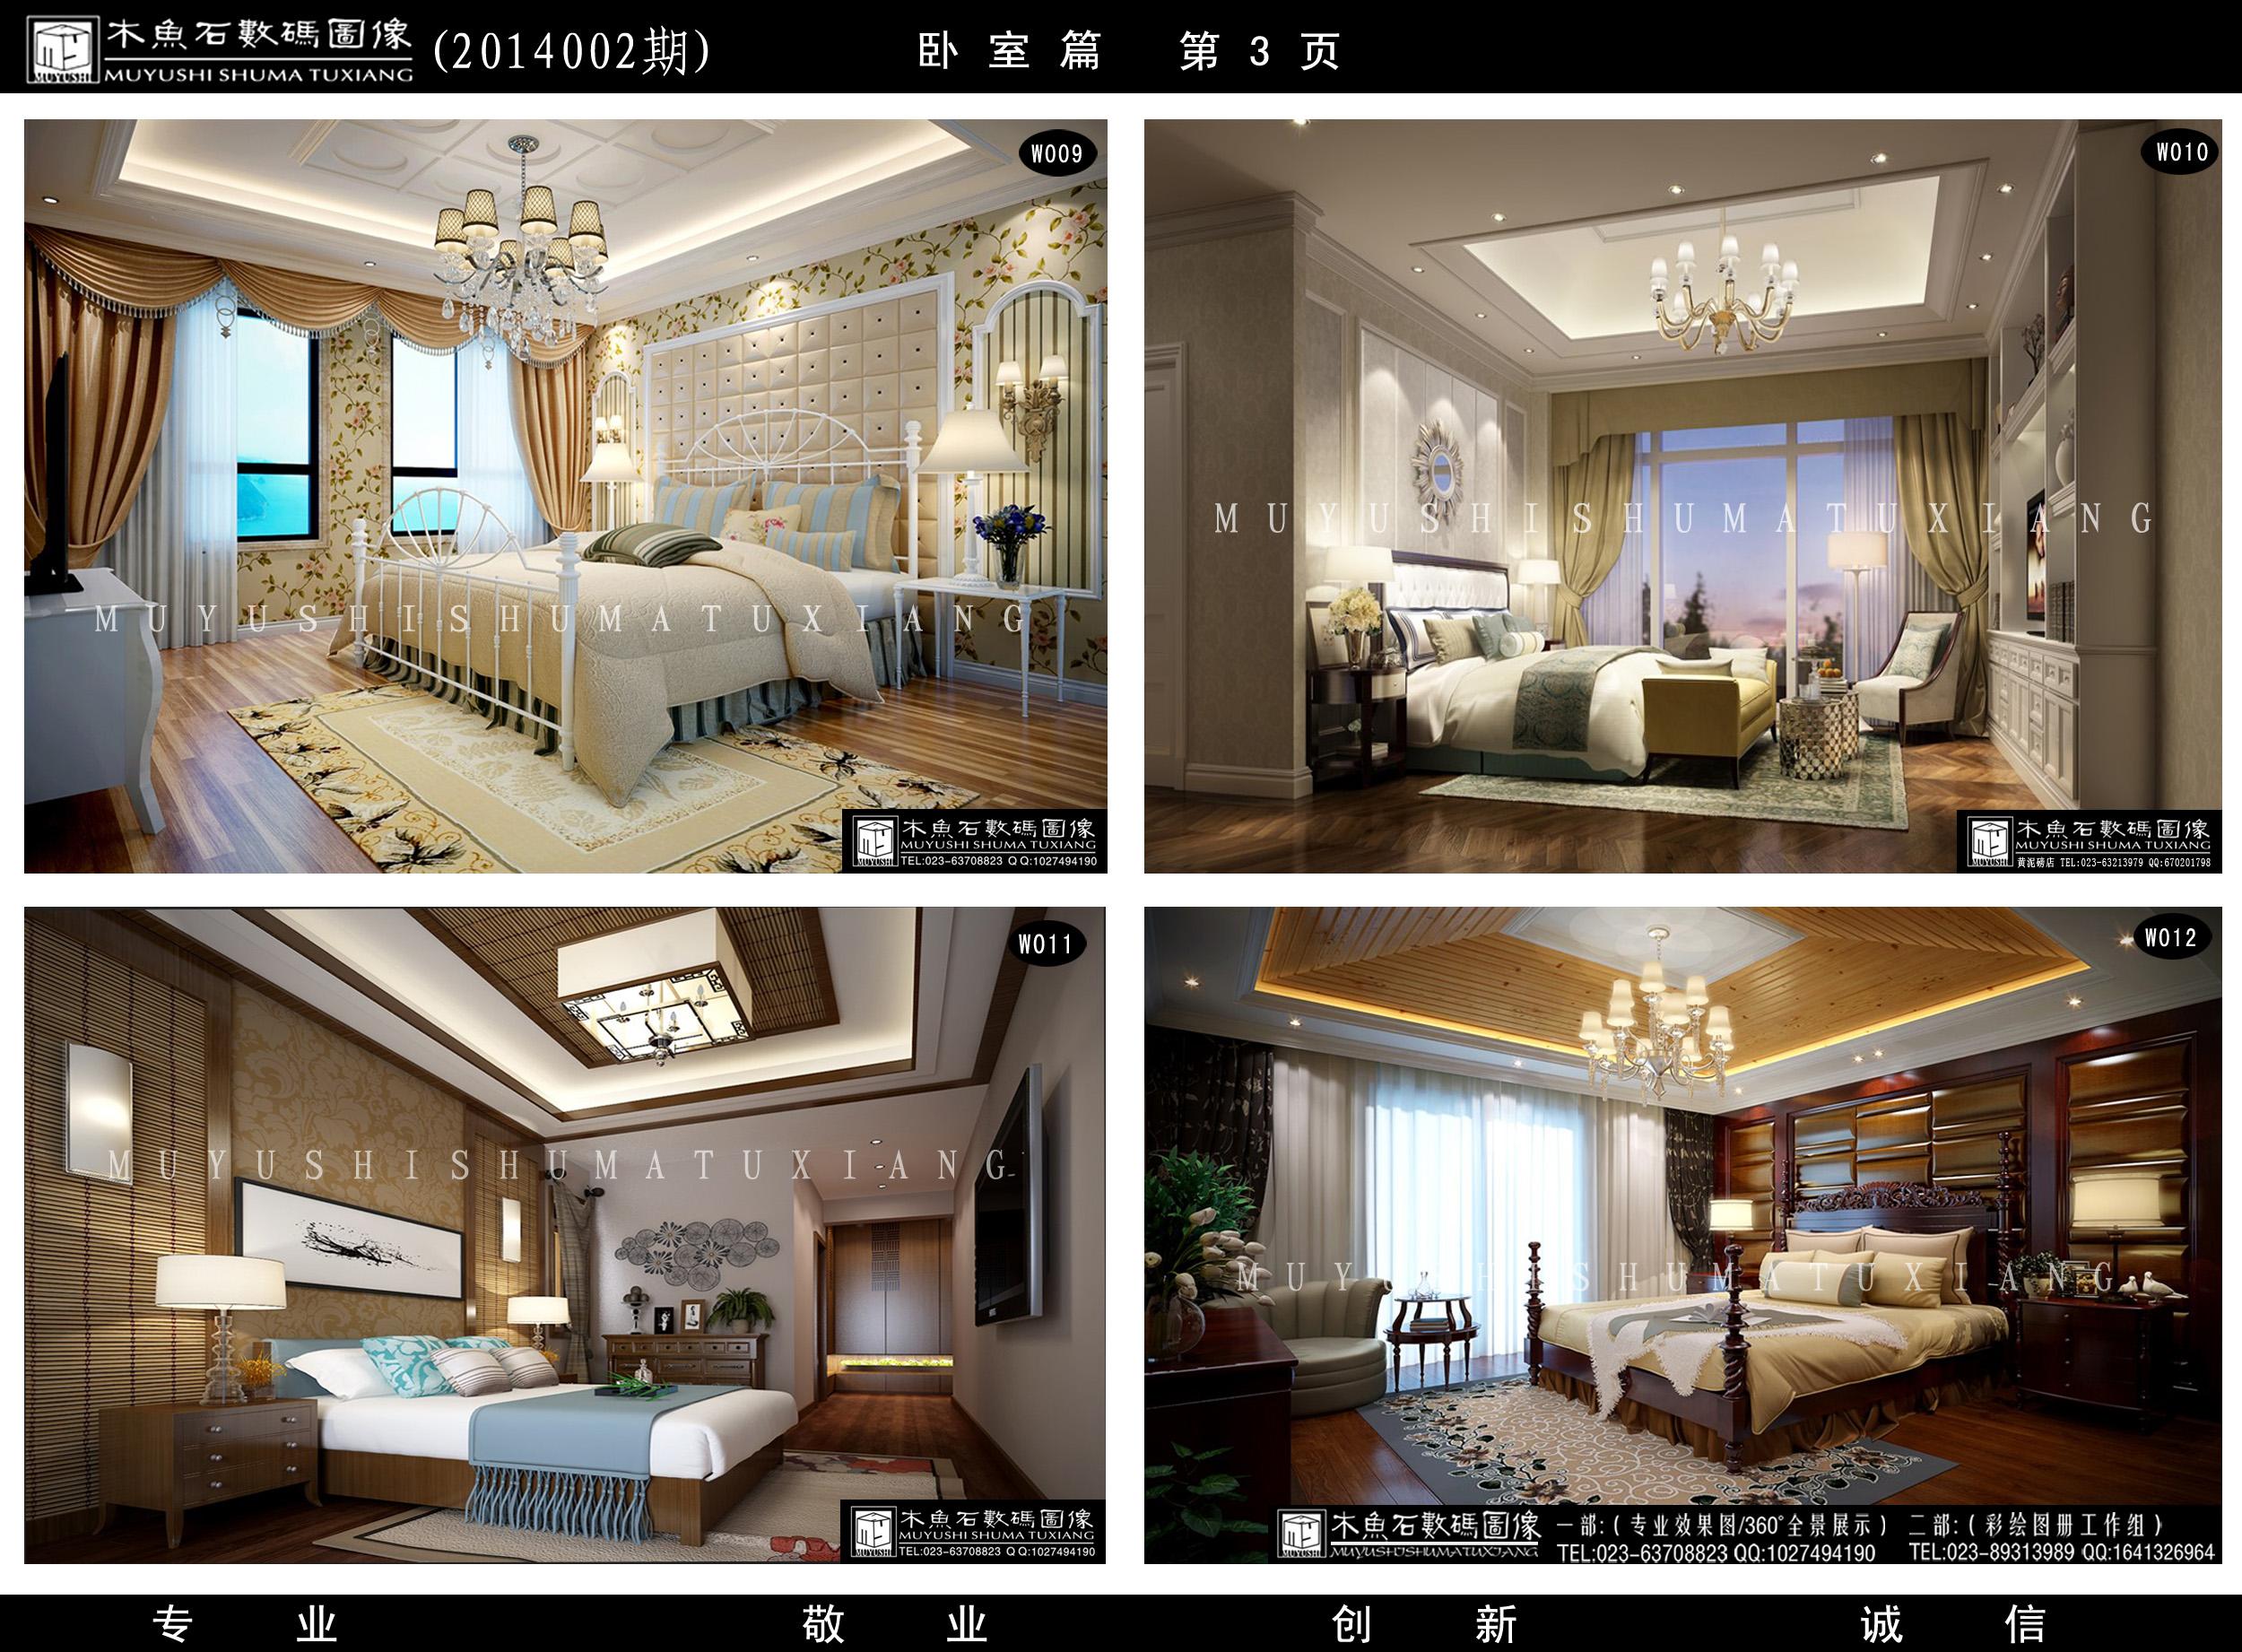 家装效果图4_三维动画与效果图设计制作_家装表现